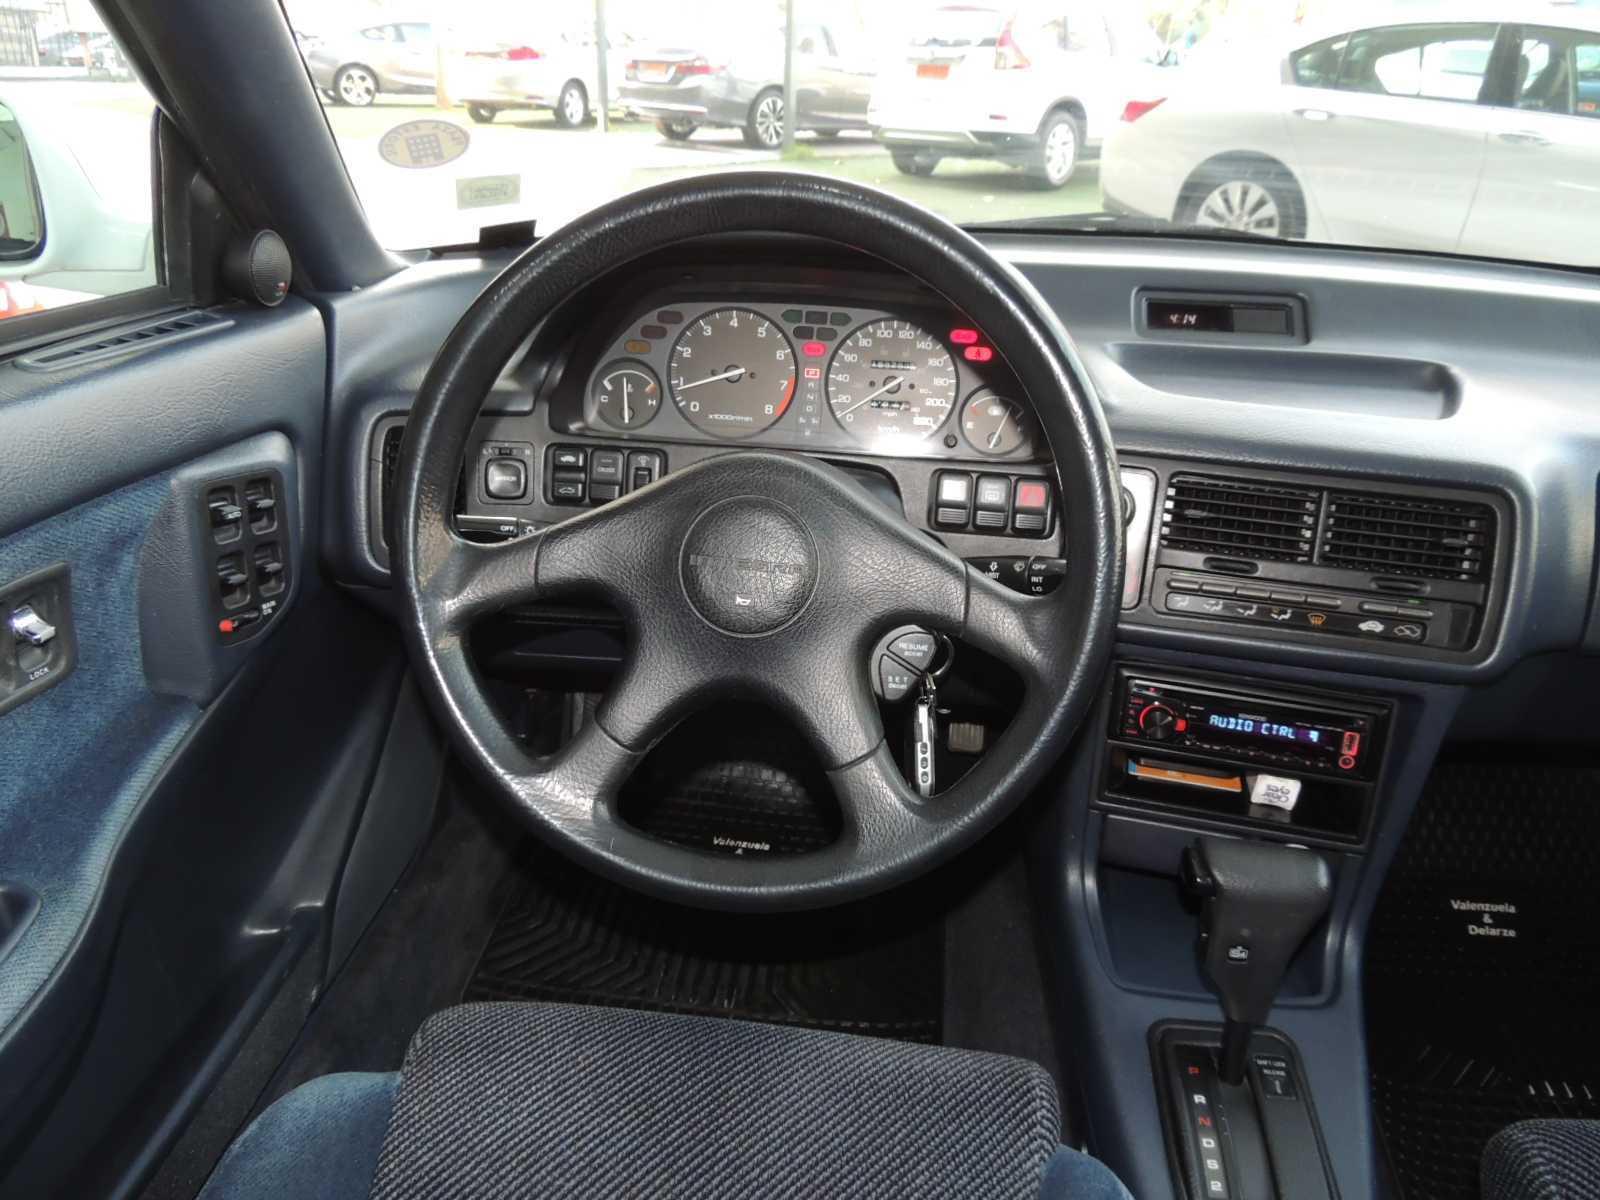 Honda Integra 1993 Clásicos Rutamotor (24)